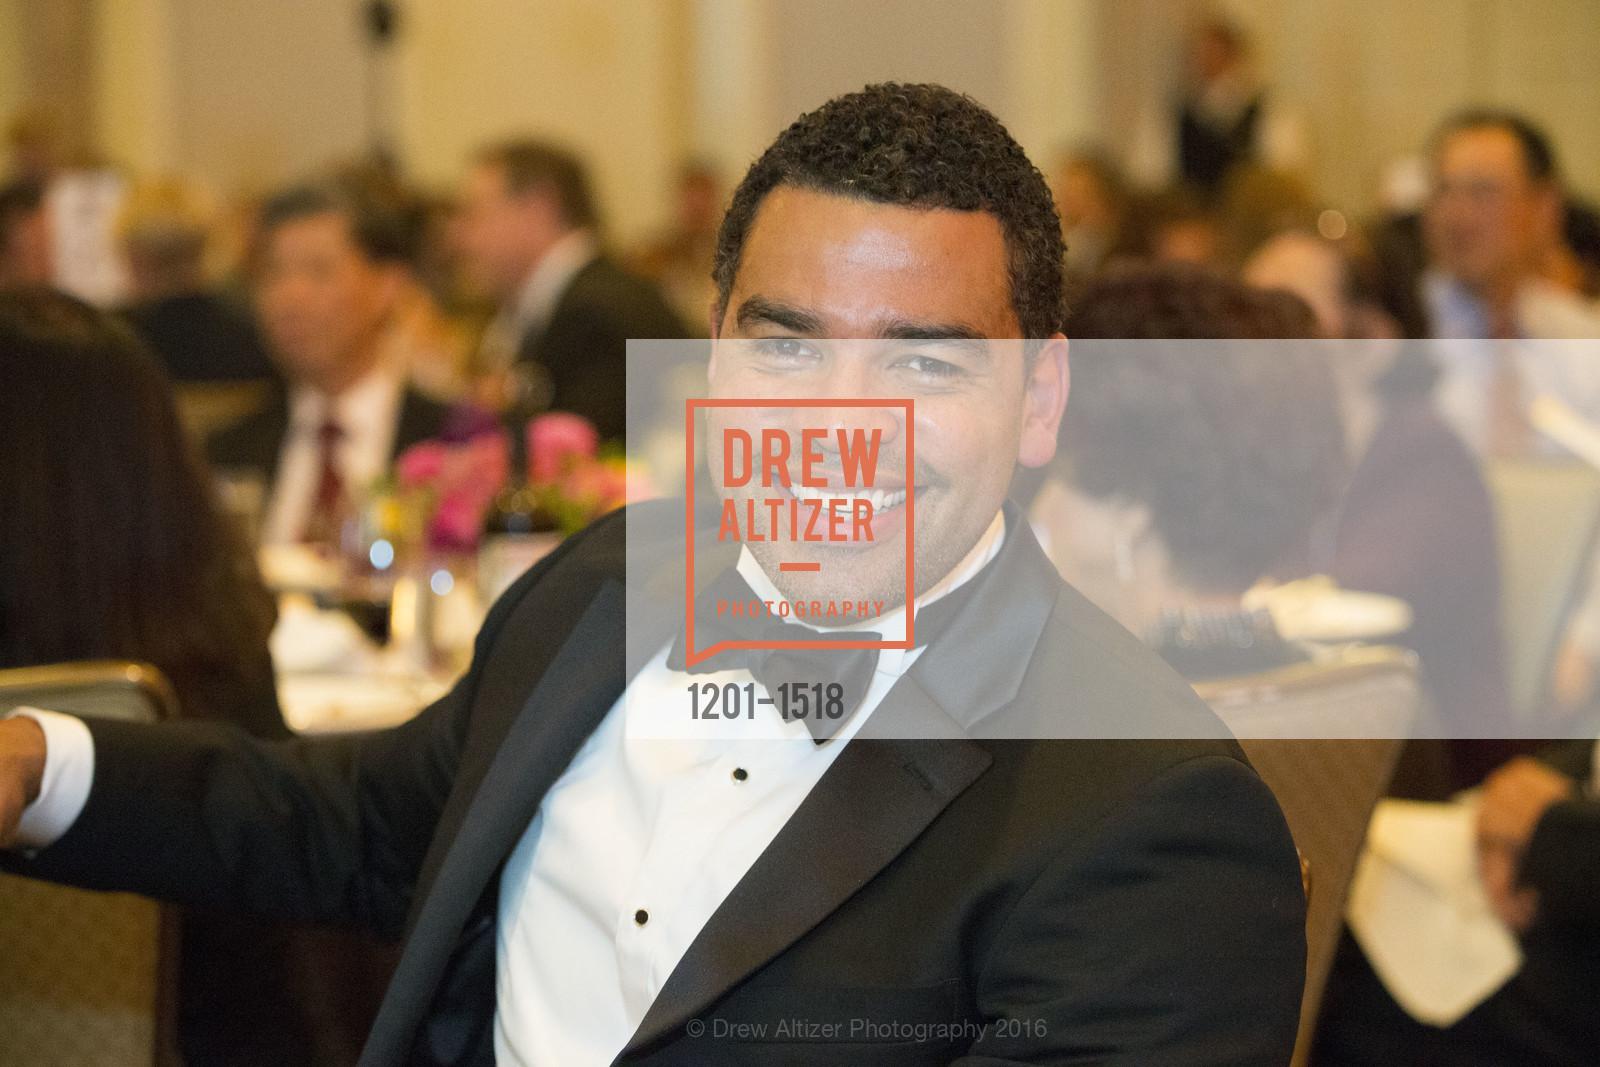 Tyson Clark, Photo #1201-1518